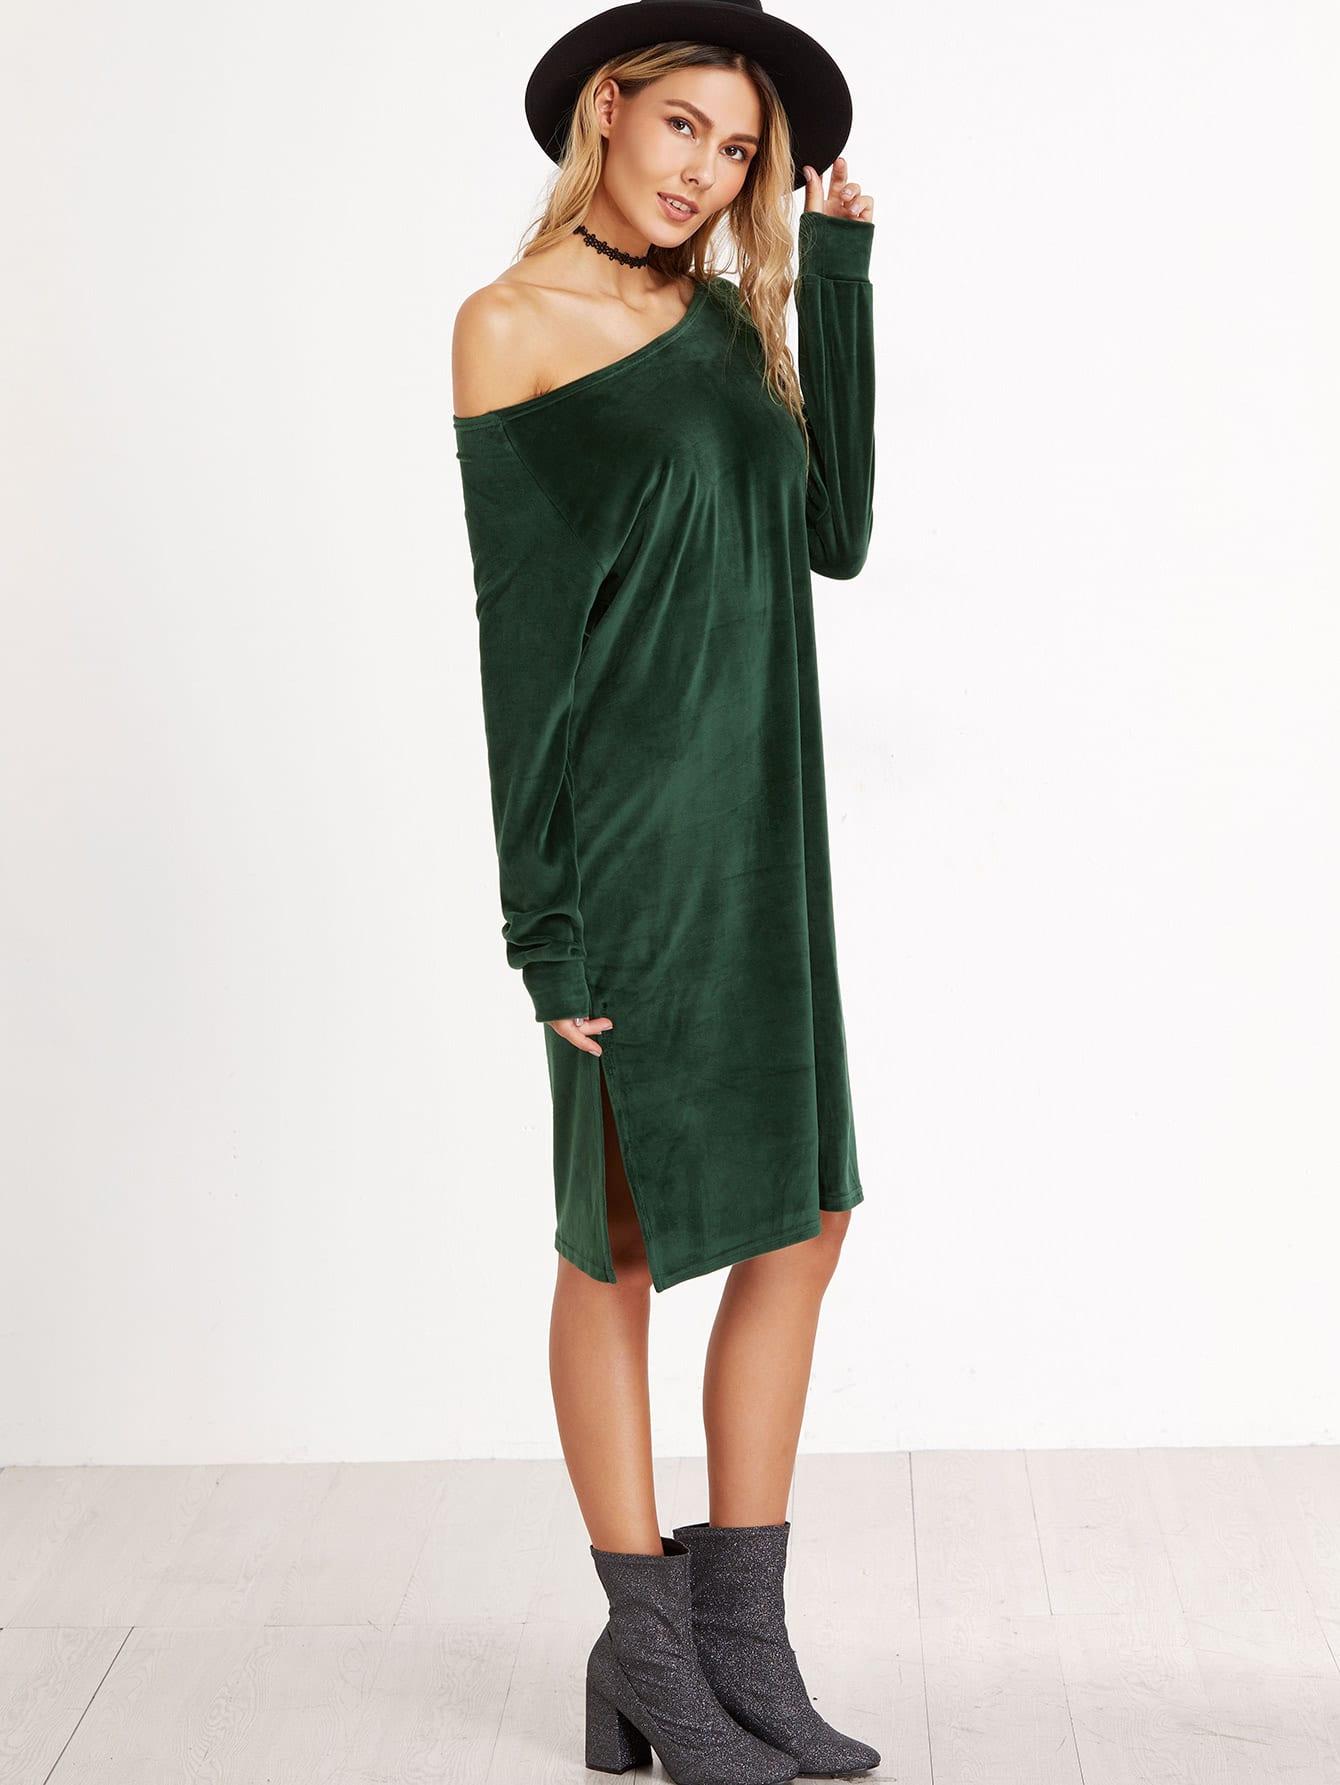 dress161110330_2